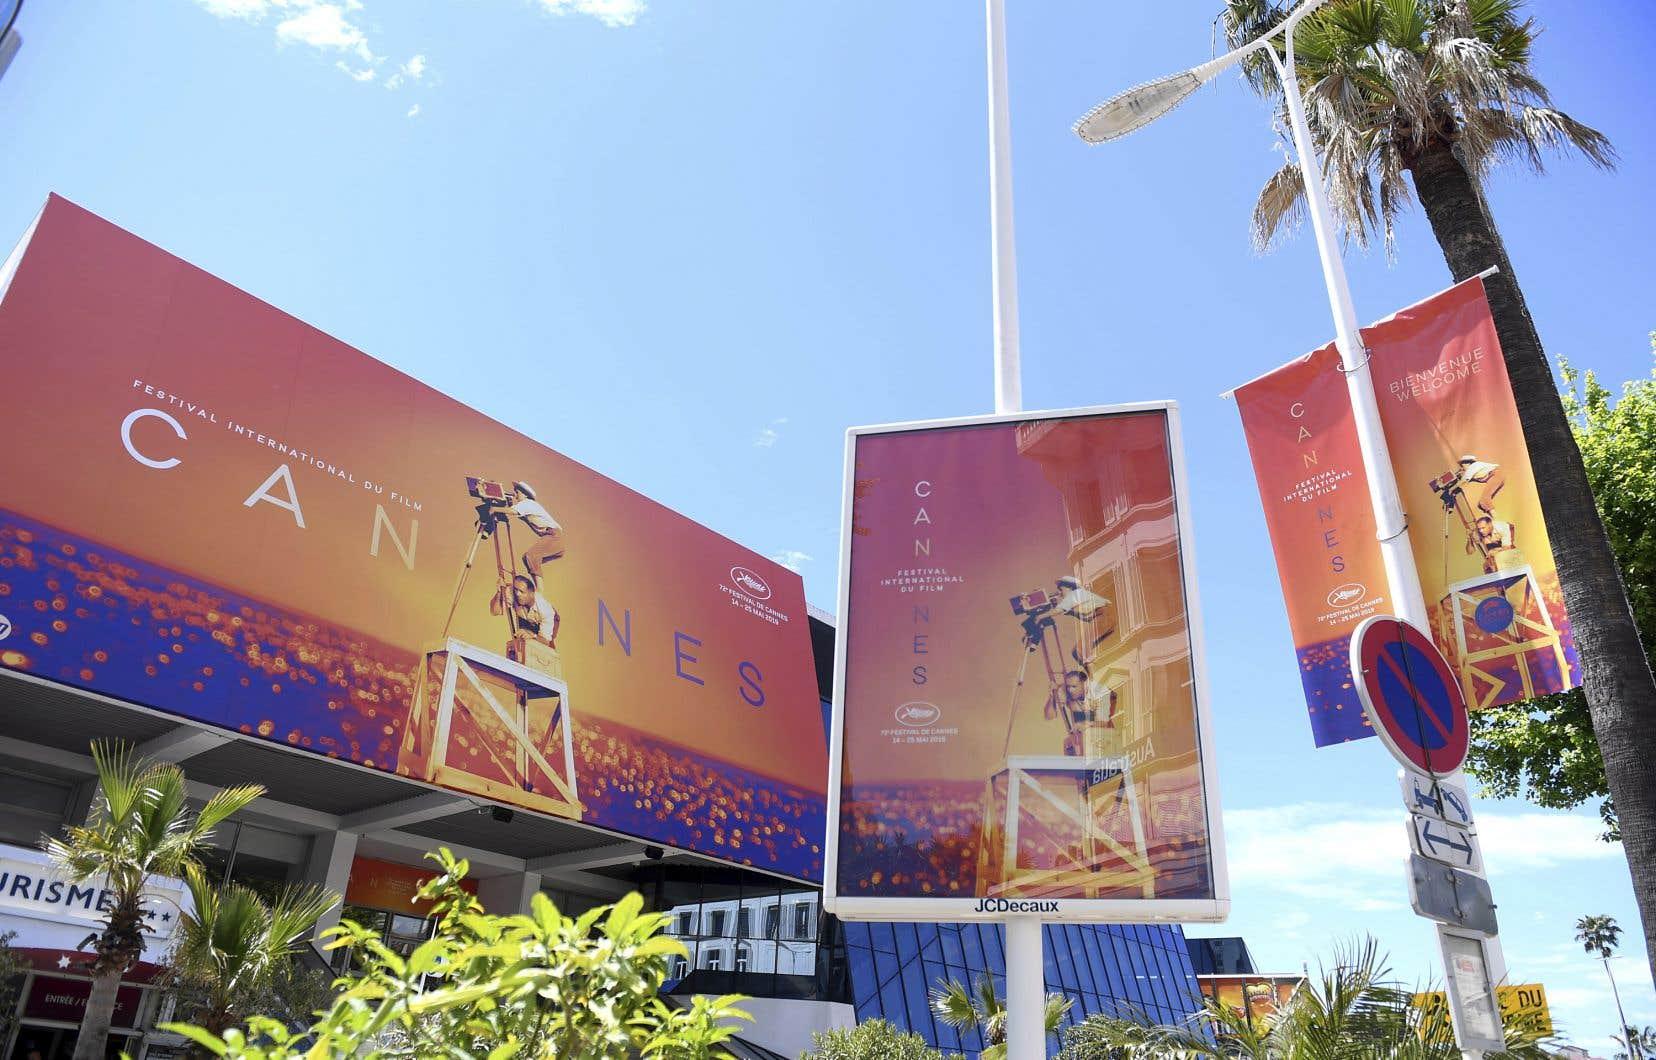 En point de presse cannois, le délégué général du Festival de Cannes, Thierry Frémaux, annonçait lundi une édition romantique et politique.